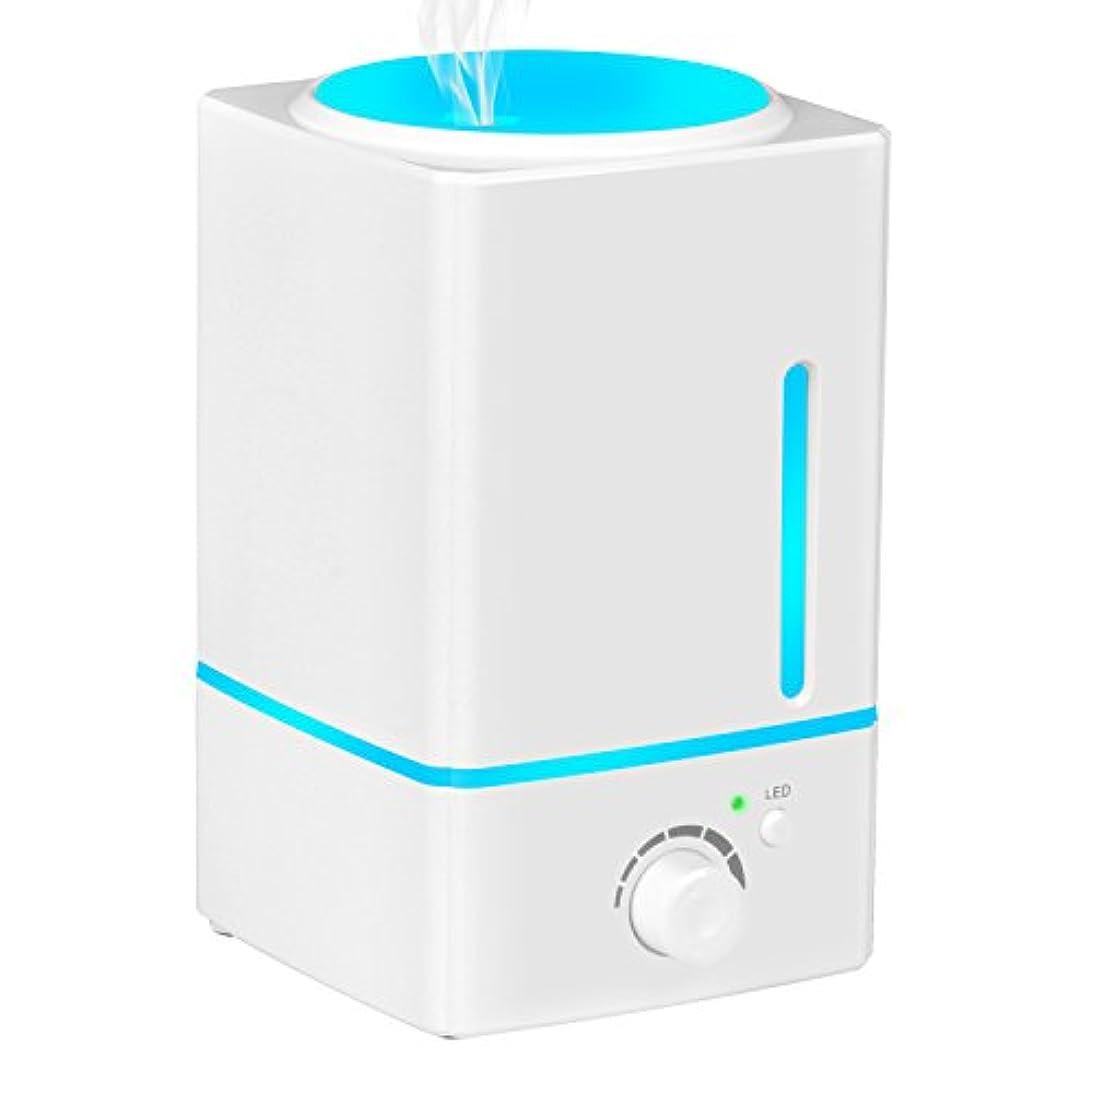 解説立派な前書きAromatherapy Essential Oil Diffuser加湿器、olivetech 1500 ml超音波クールなミスト加湿器with LEDライトの色変更と自動遮断forホームオフィス寝室